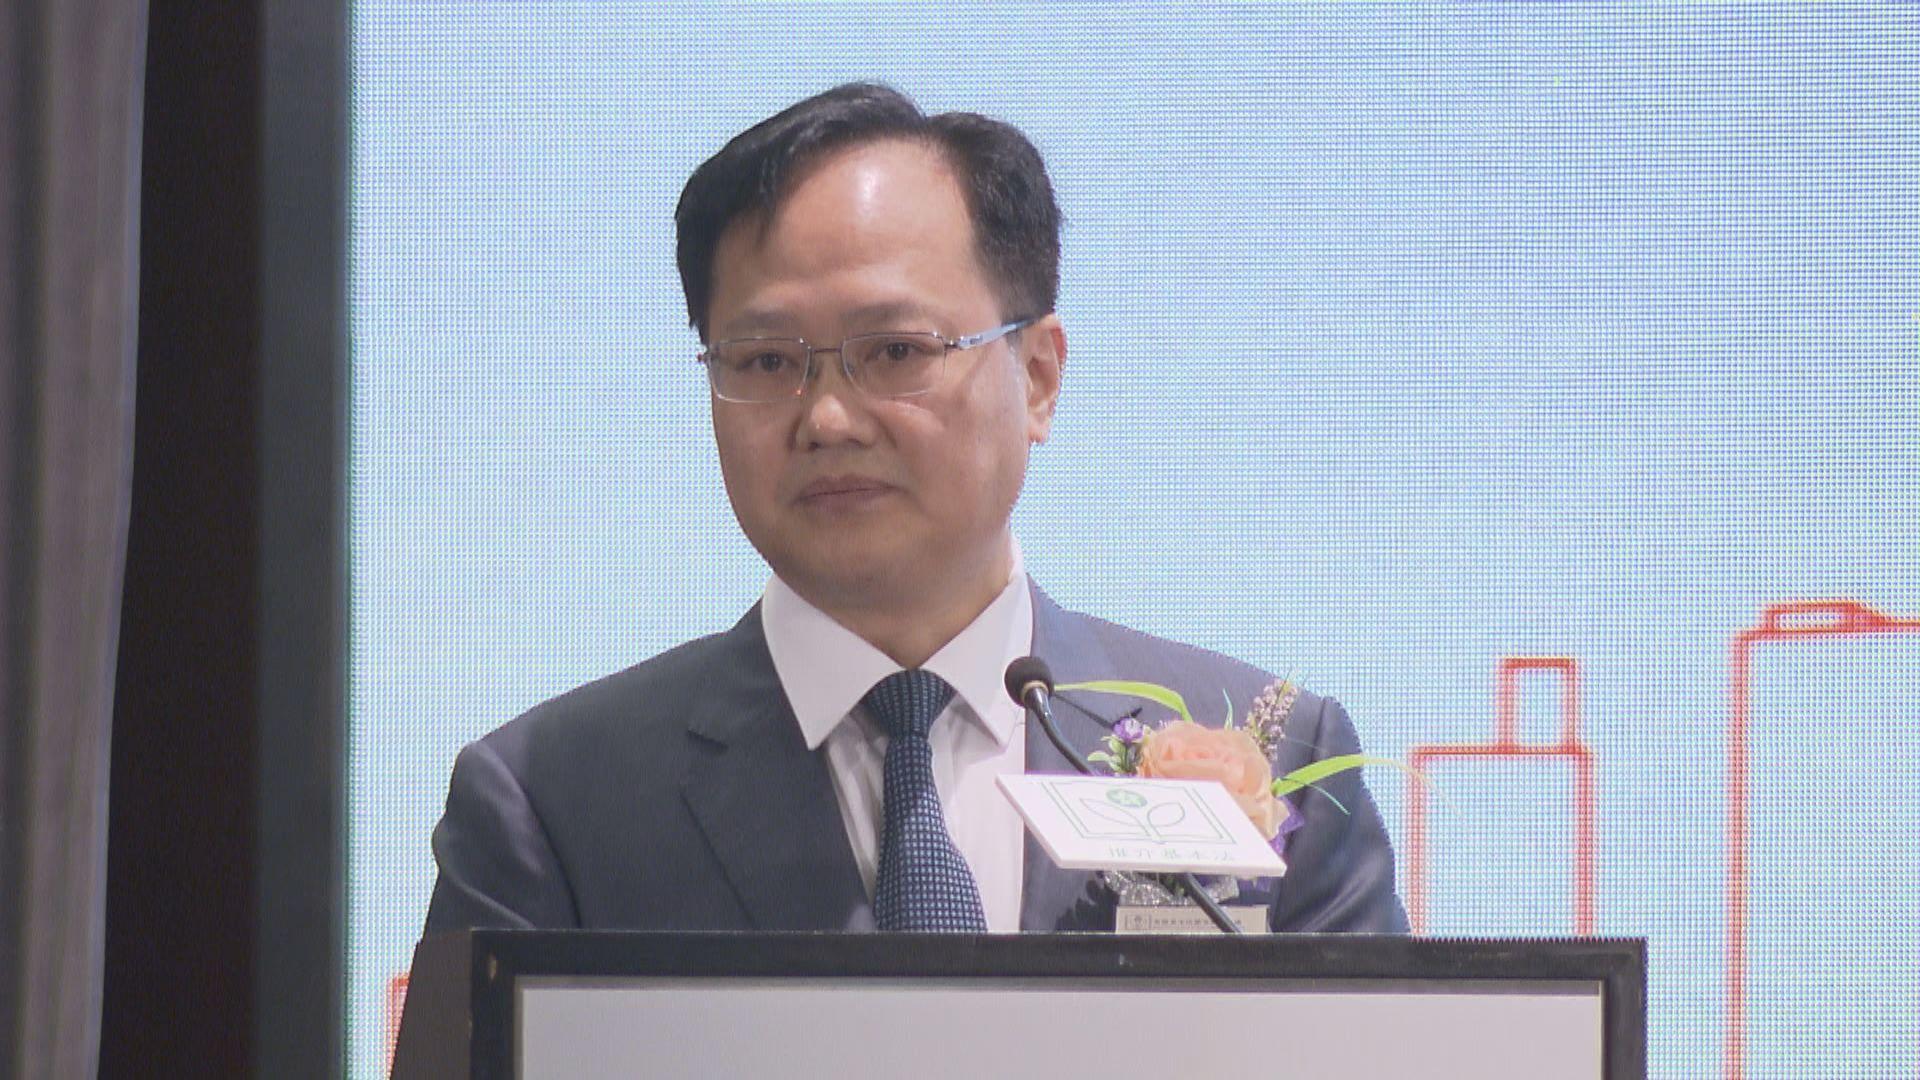 中聯辦副主任陳冬指港區國安法立法是人心所向